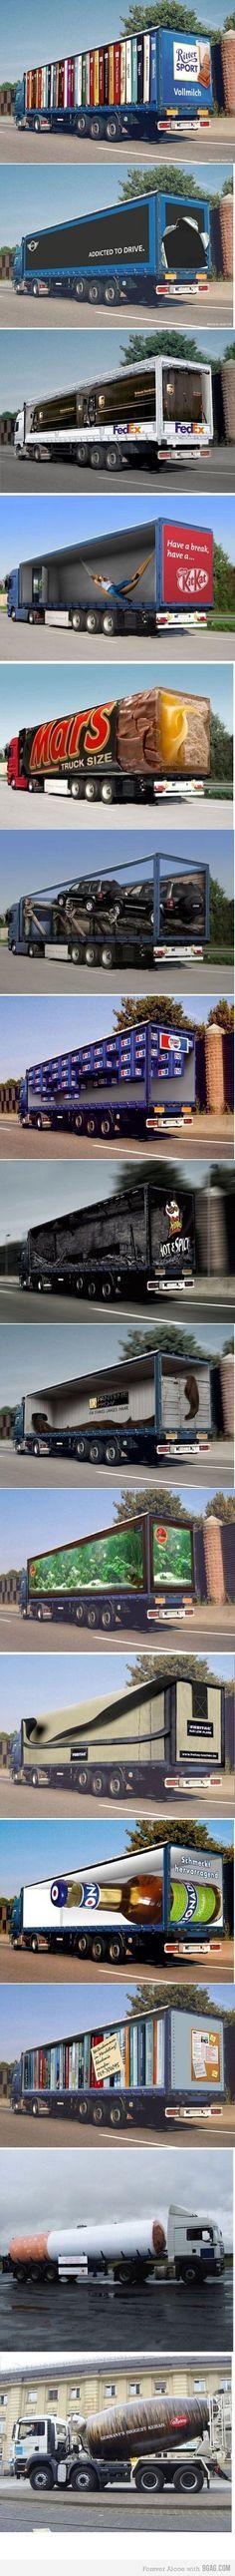 #Publicidad creativa en camiones..